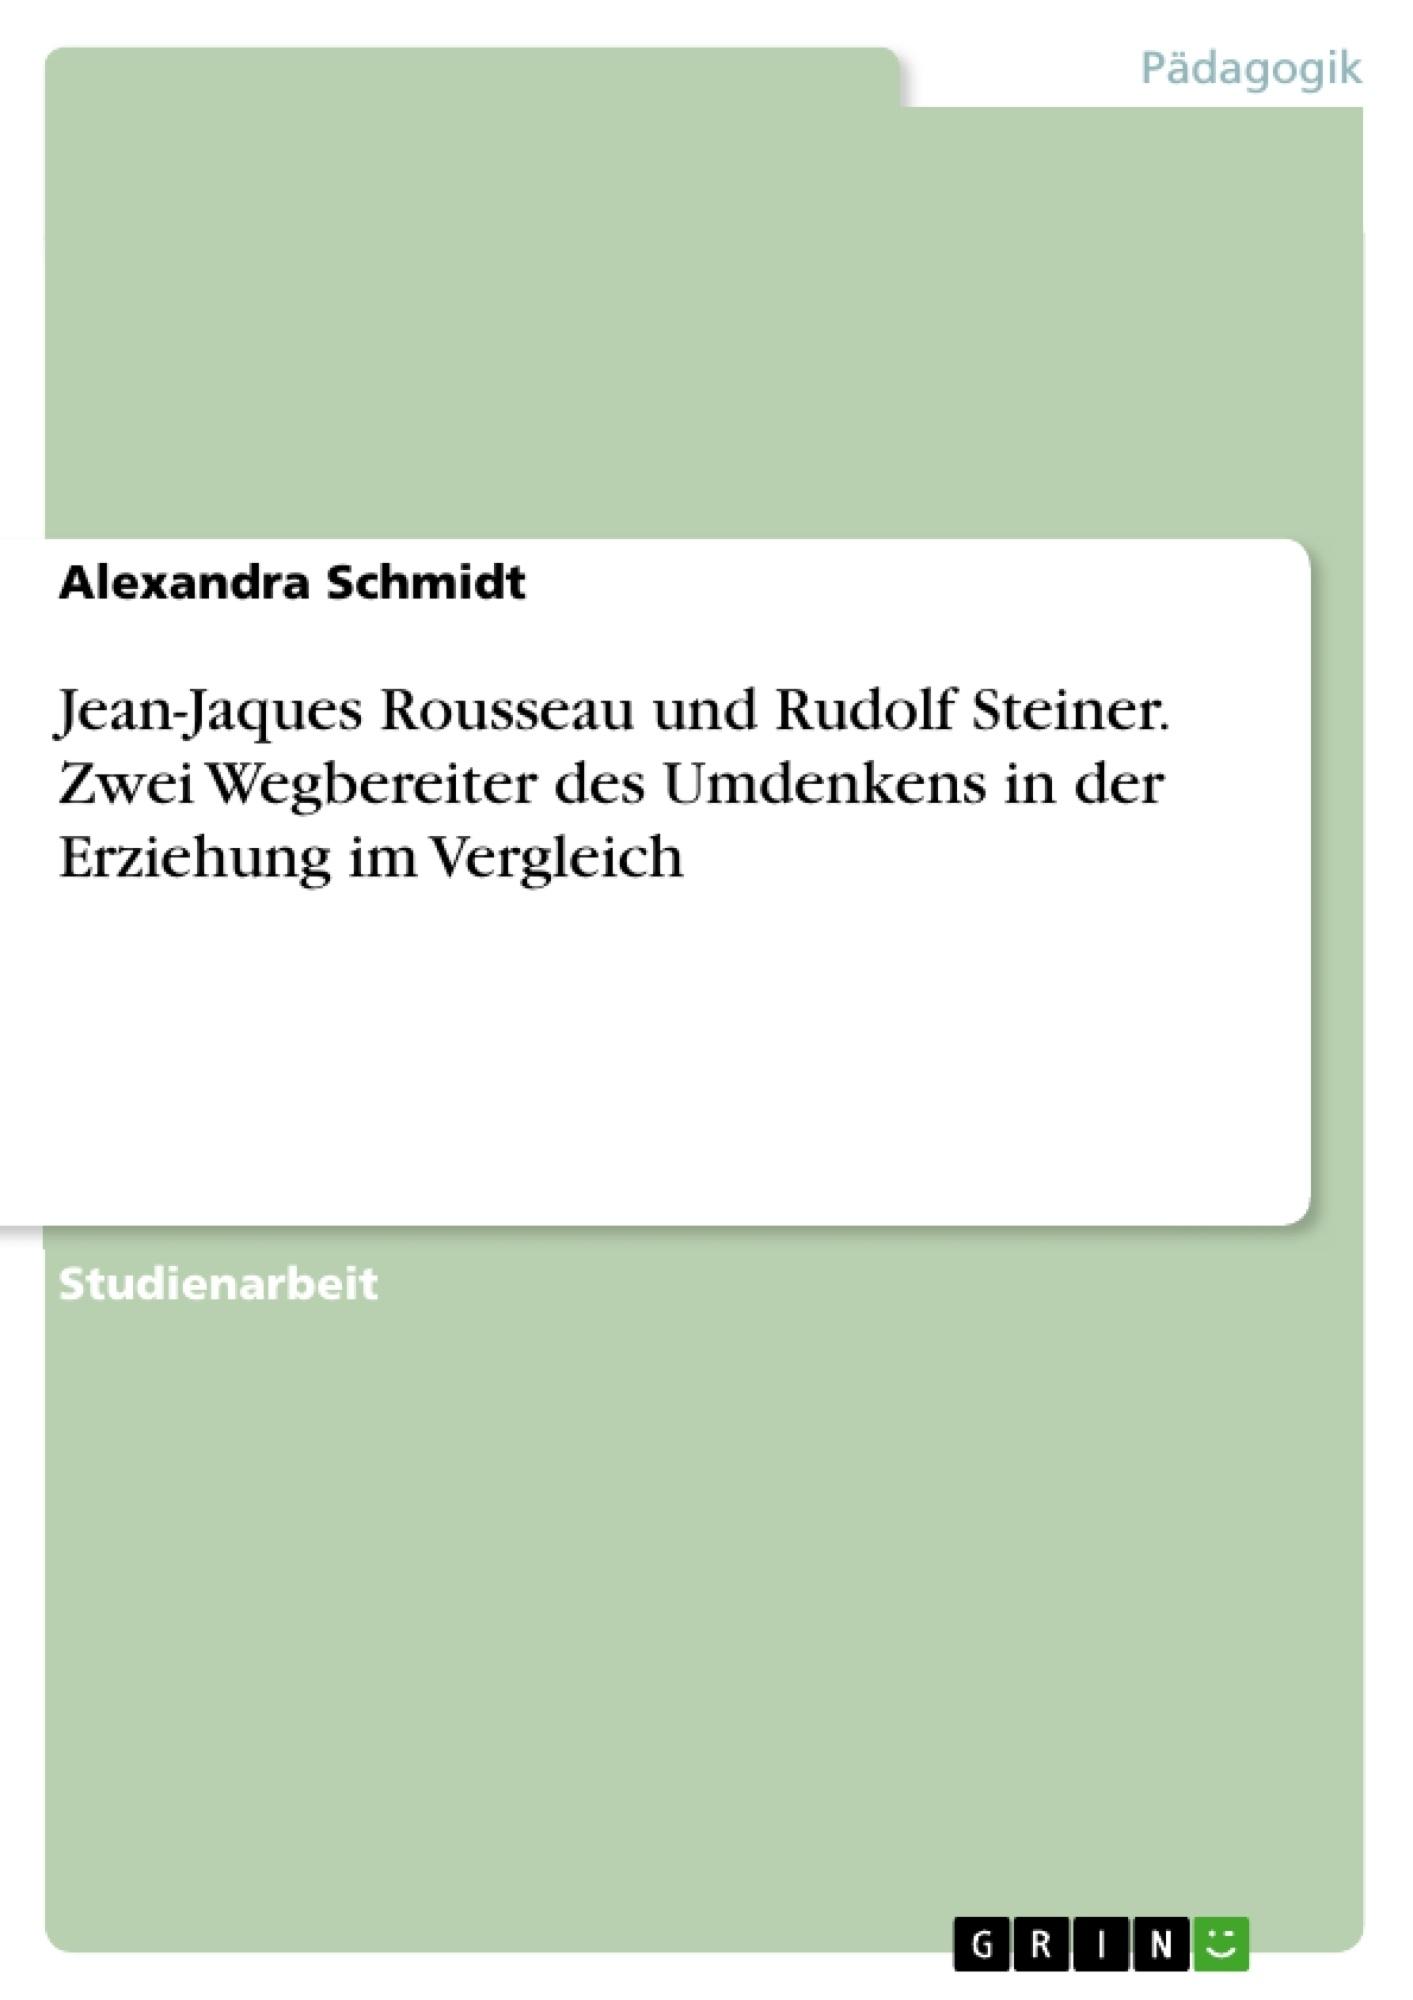 Titel: Jean-Jaques Rousseau und Rudolf Steiner. Zwei Wegbereiter des Umdenkens in der Erziehung im Vergleich